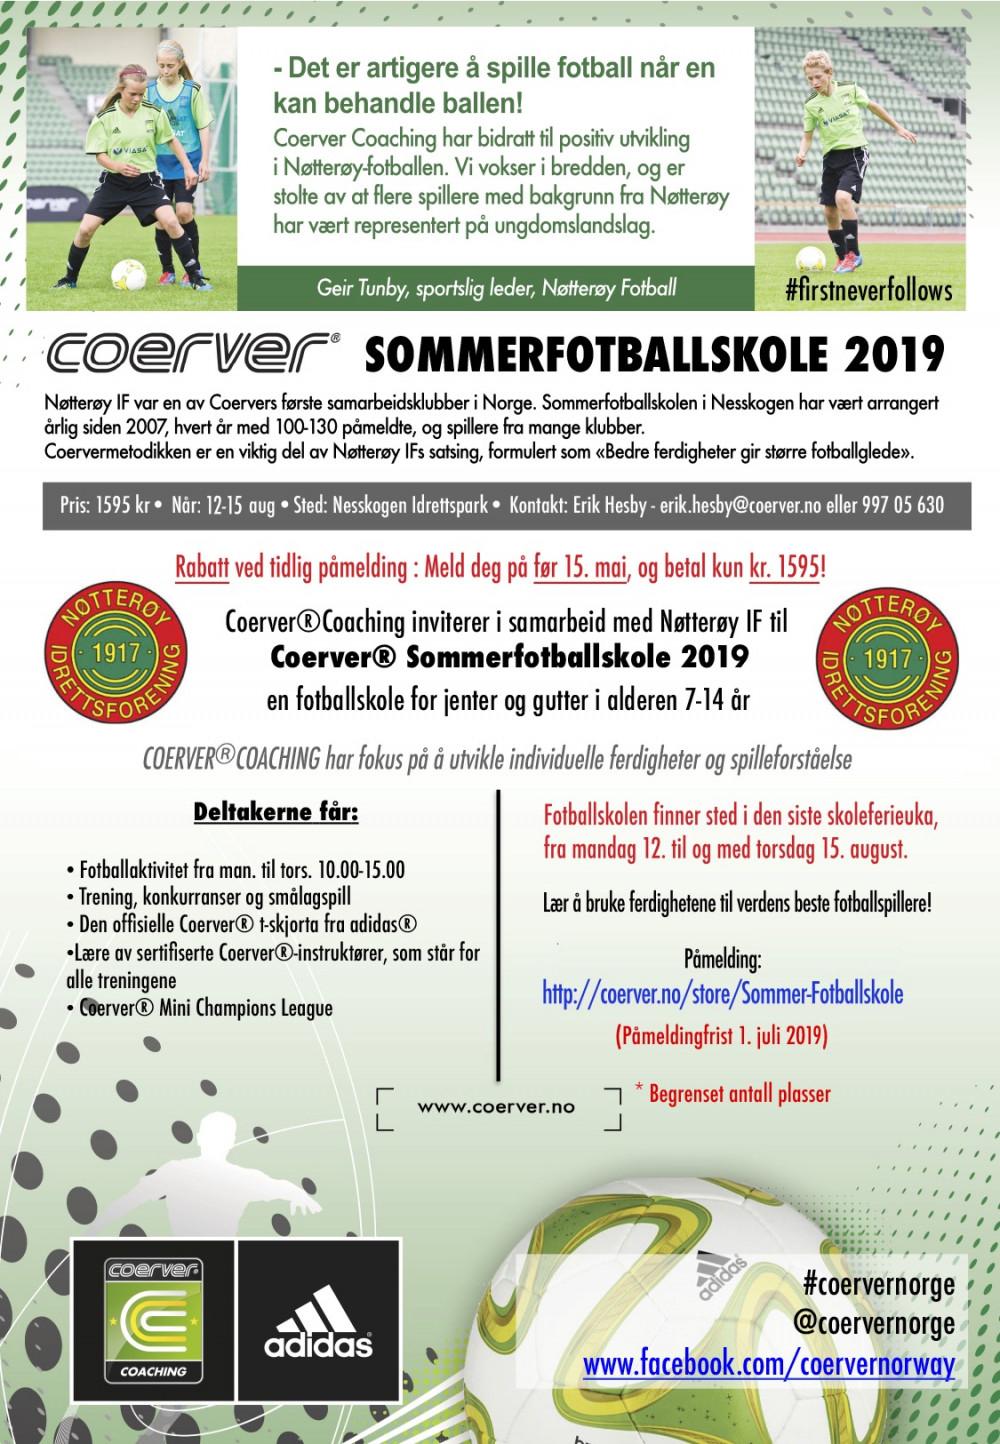 Coerver Sommerfotballskole hos Nøtterøy IF - uke 33